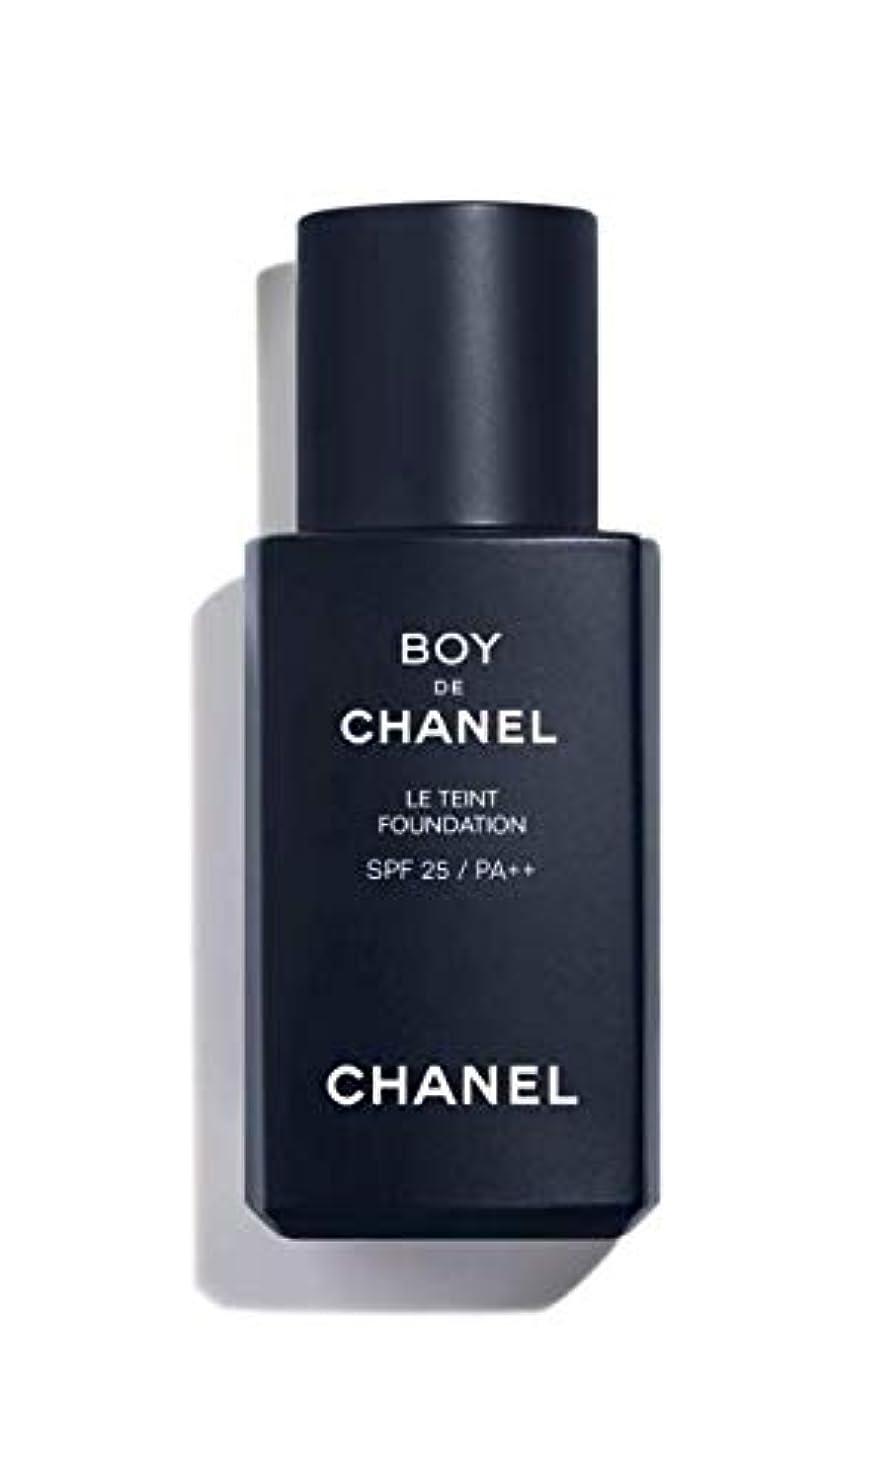 シャネル CHANEL ボーイ ドゥ シャネル ファンデーション N°60 【ライト ディープ】 SPF 25/PA++ 30ml BOY DE CHANEL メンズ メイク コスメ